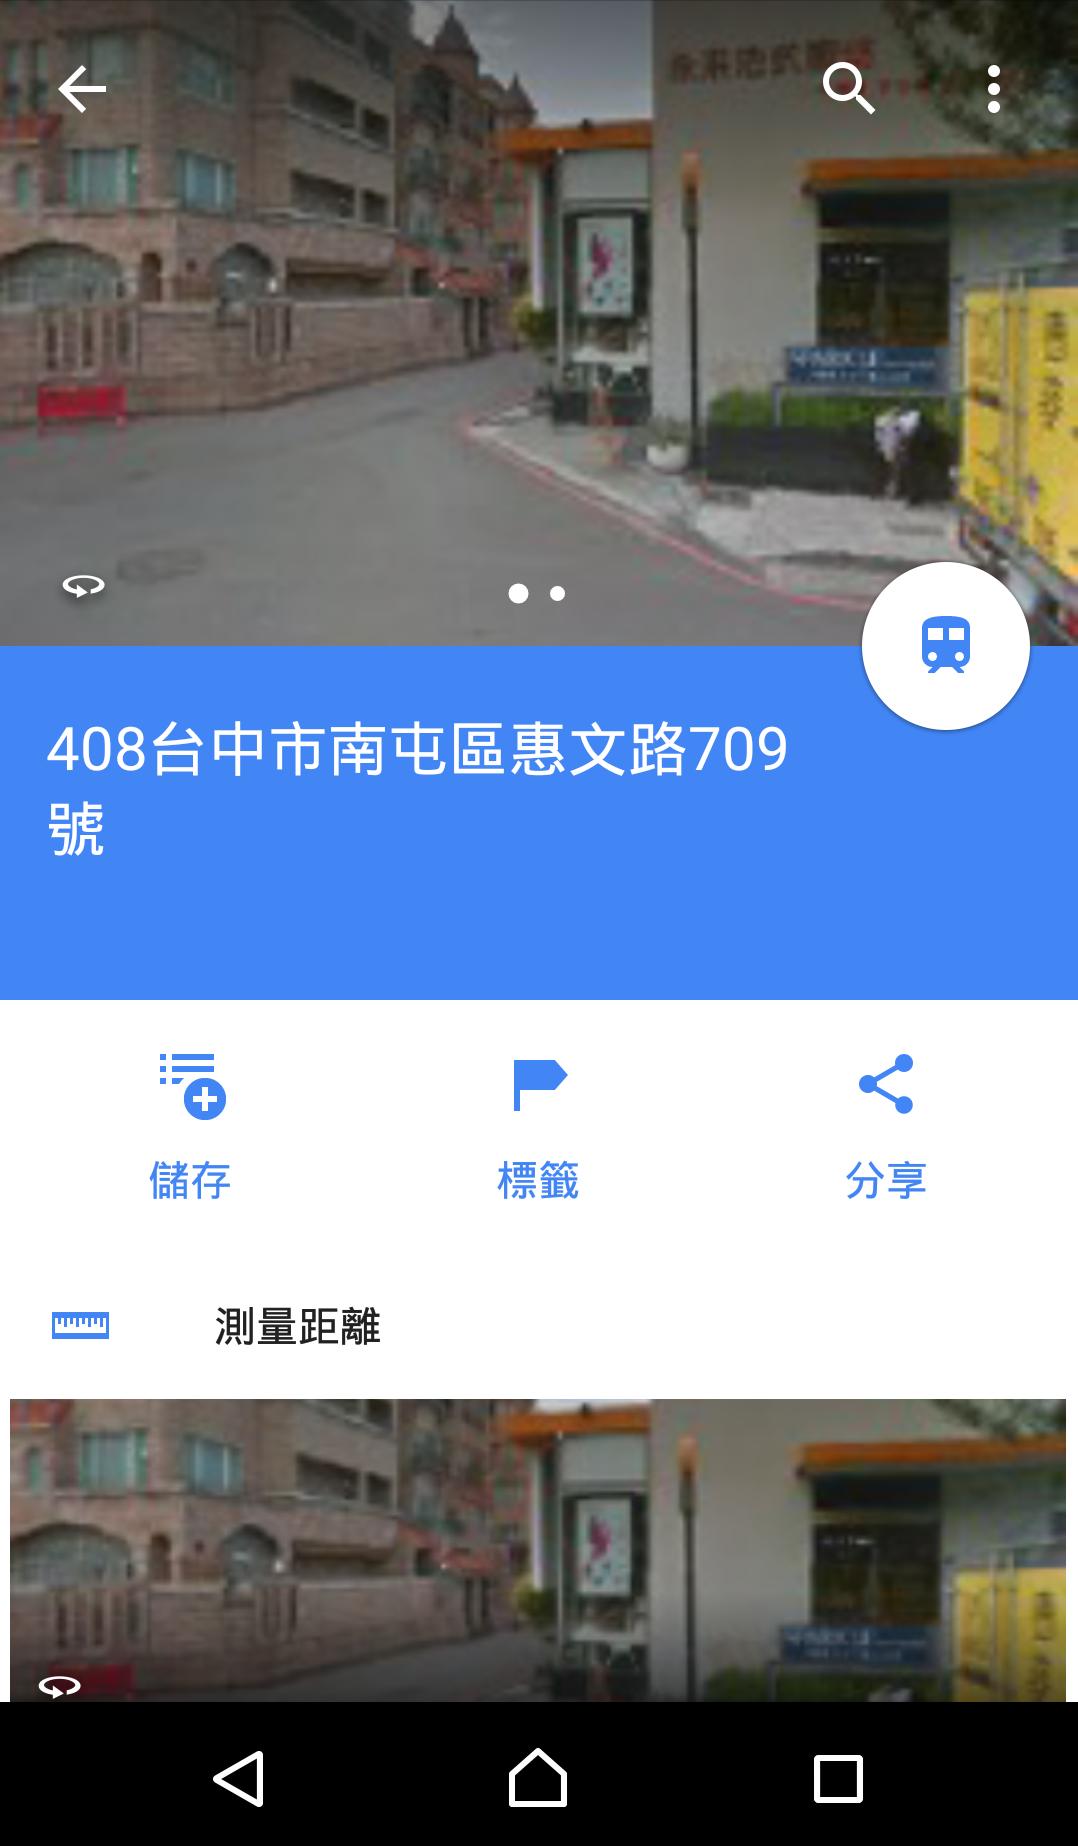 Google-Maps-Mobile-Bakery